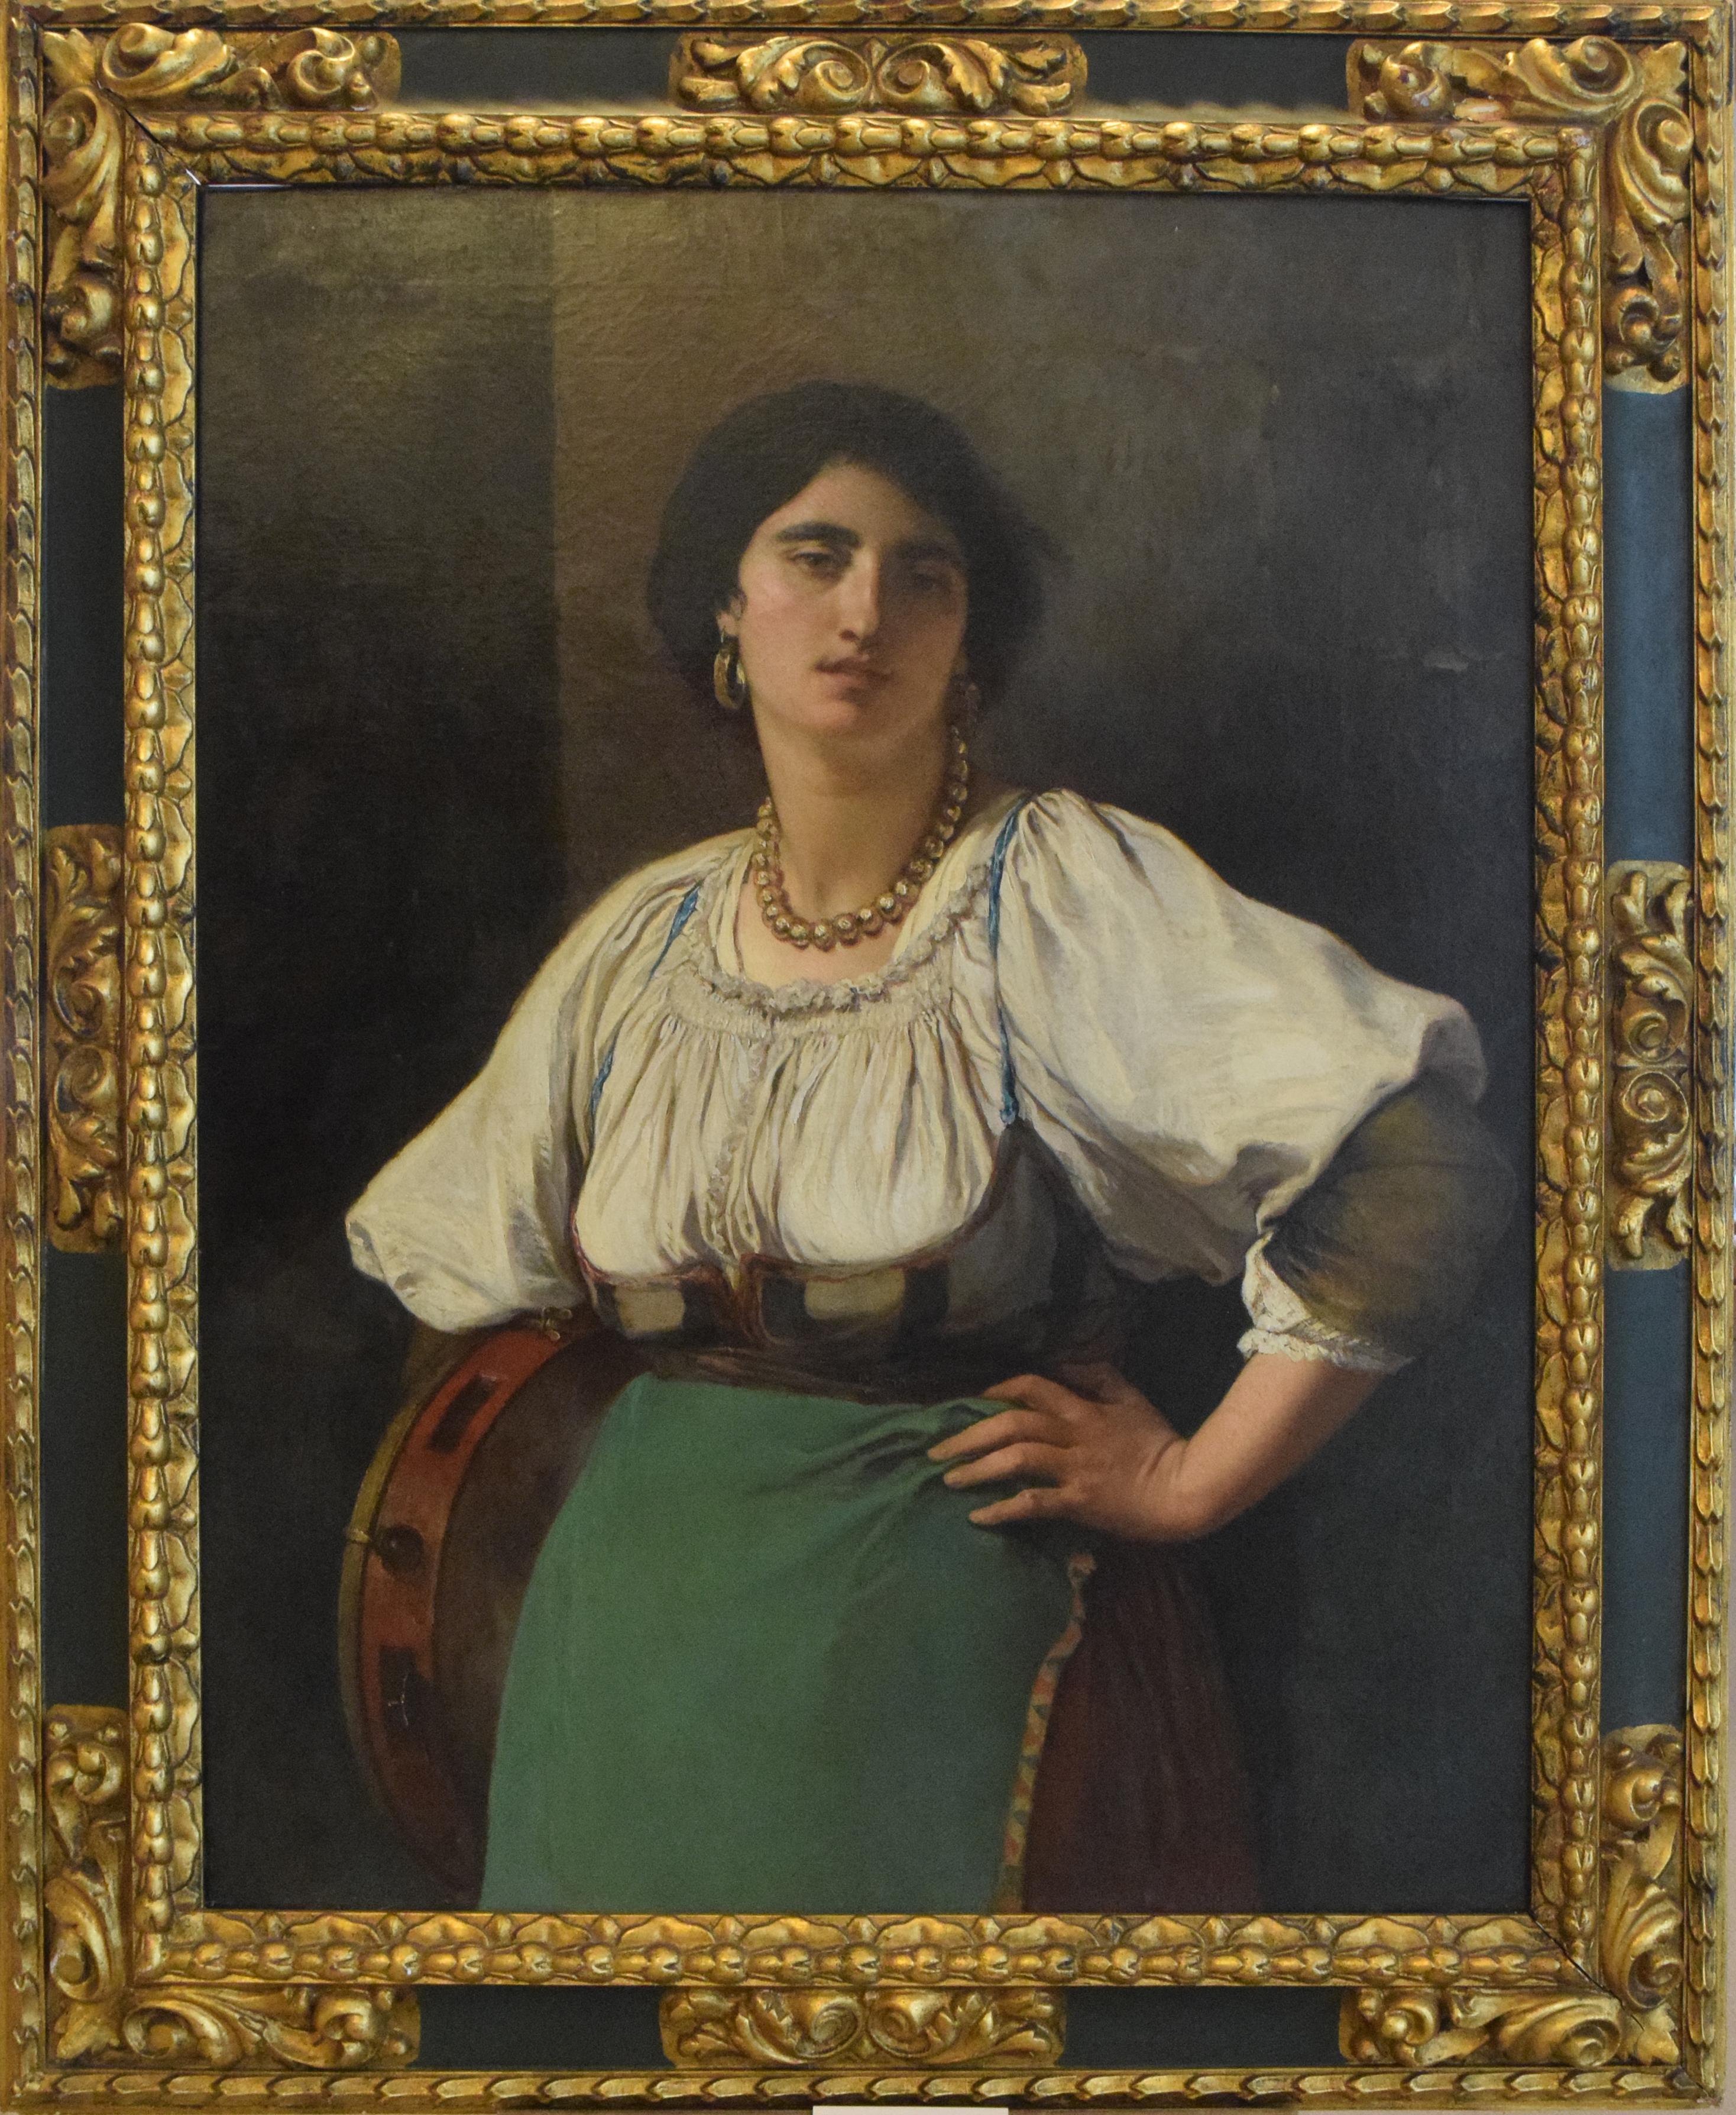 26-michele-cammarano-1835-1920-donna-con-tamburello